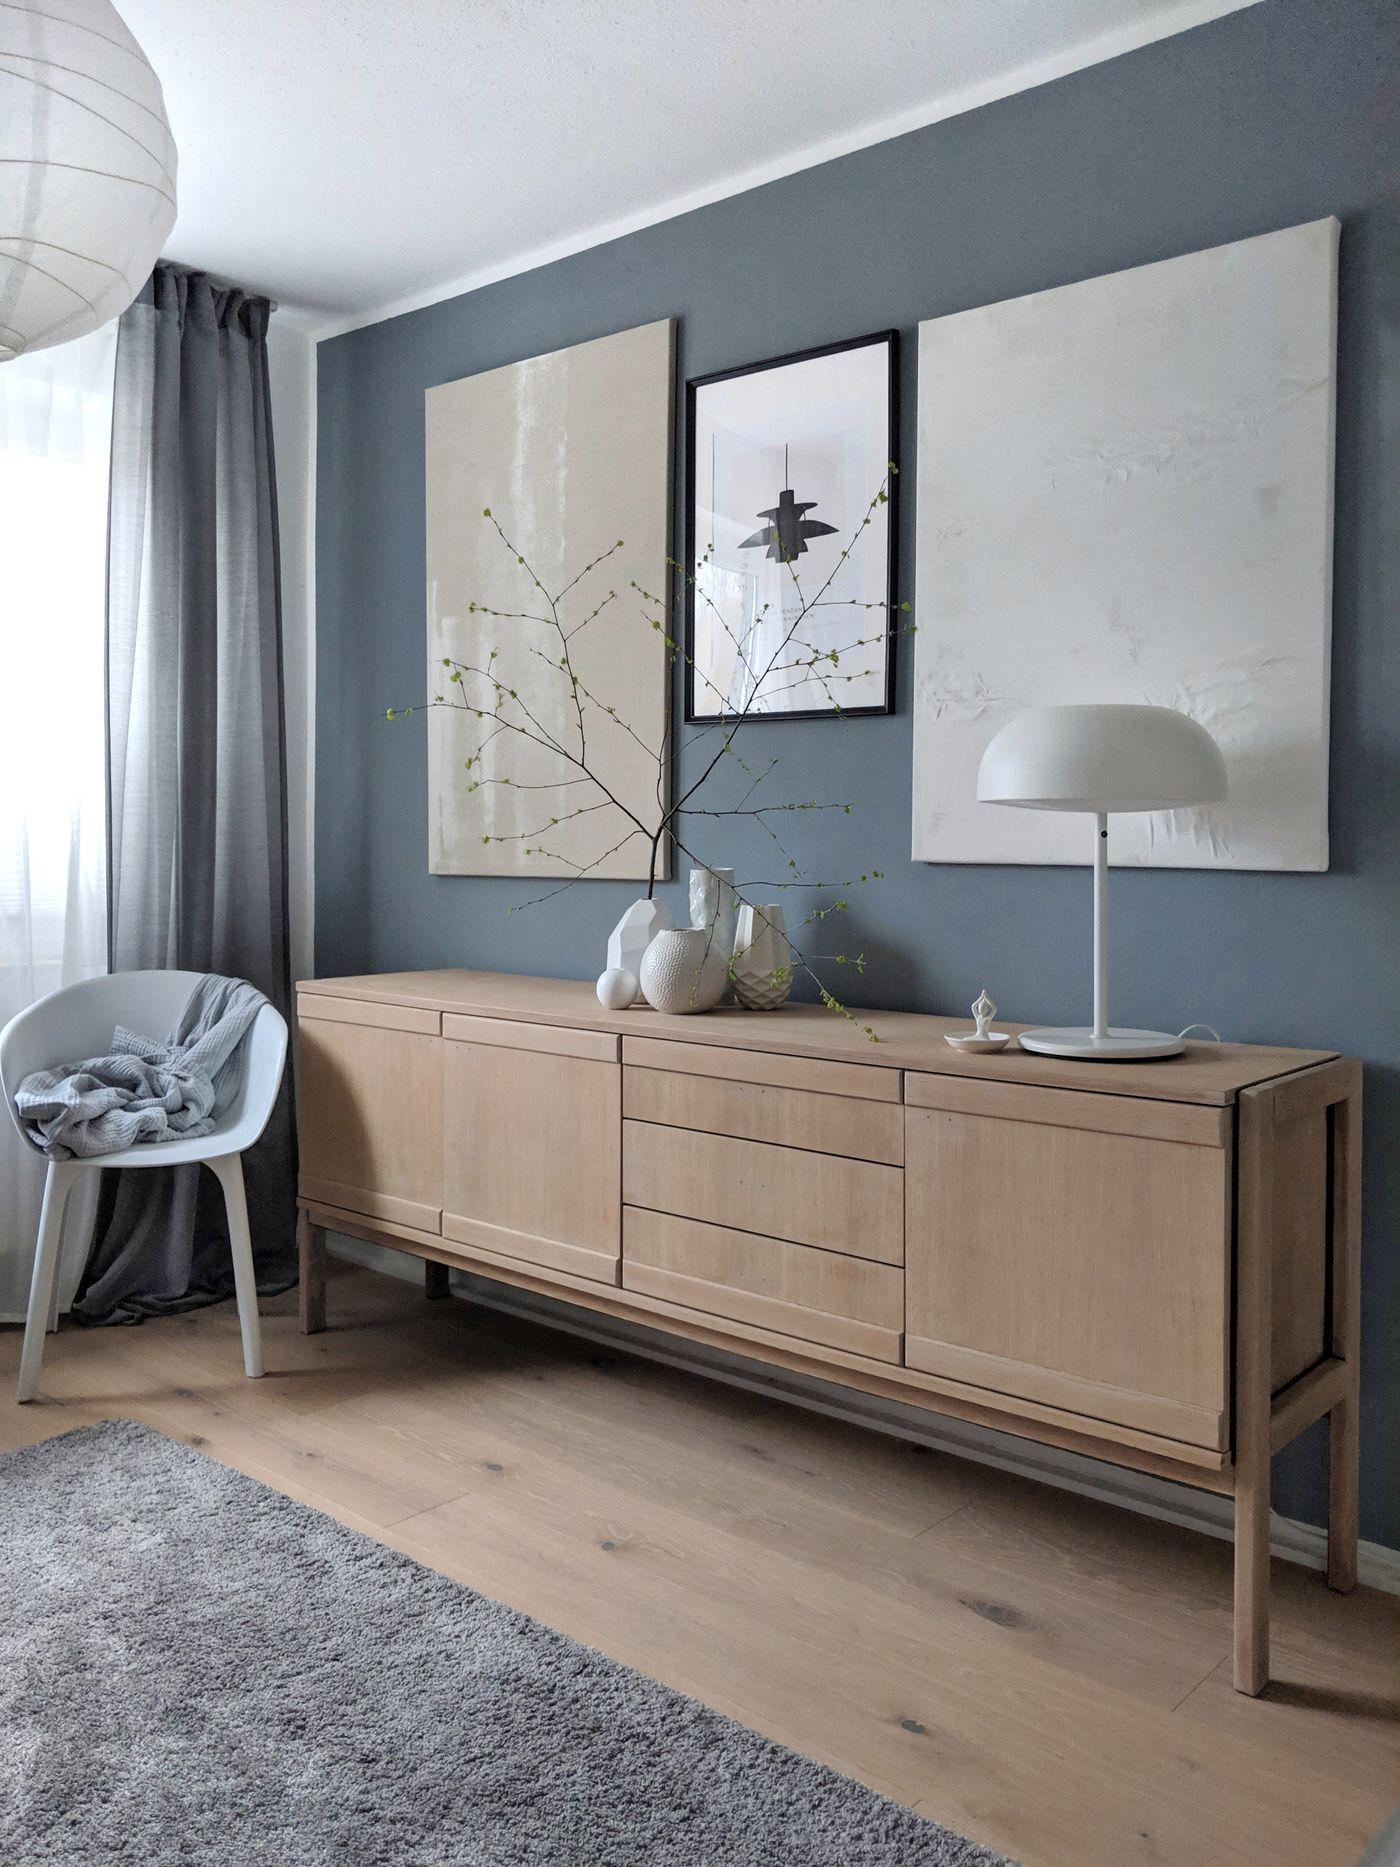 Schlafzimmer Mit Ankleide Ideen